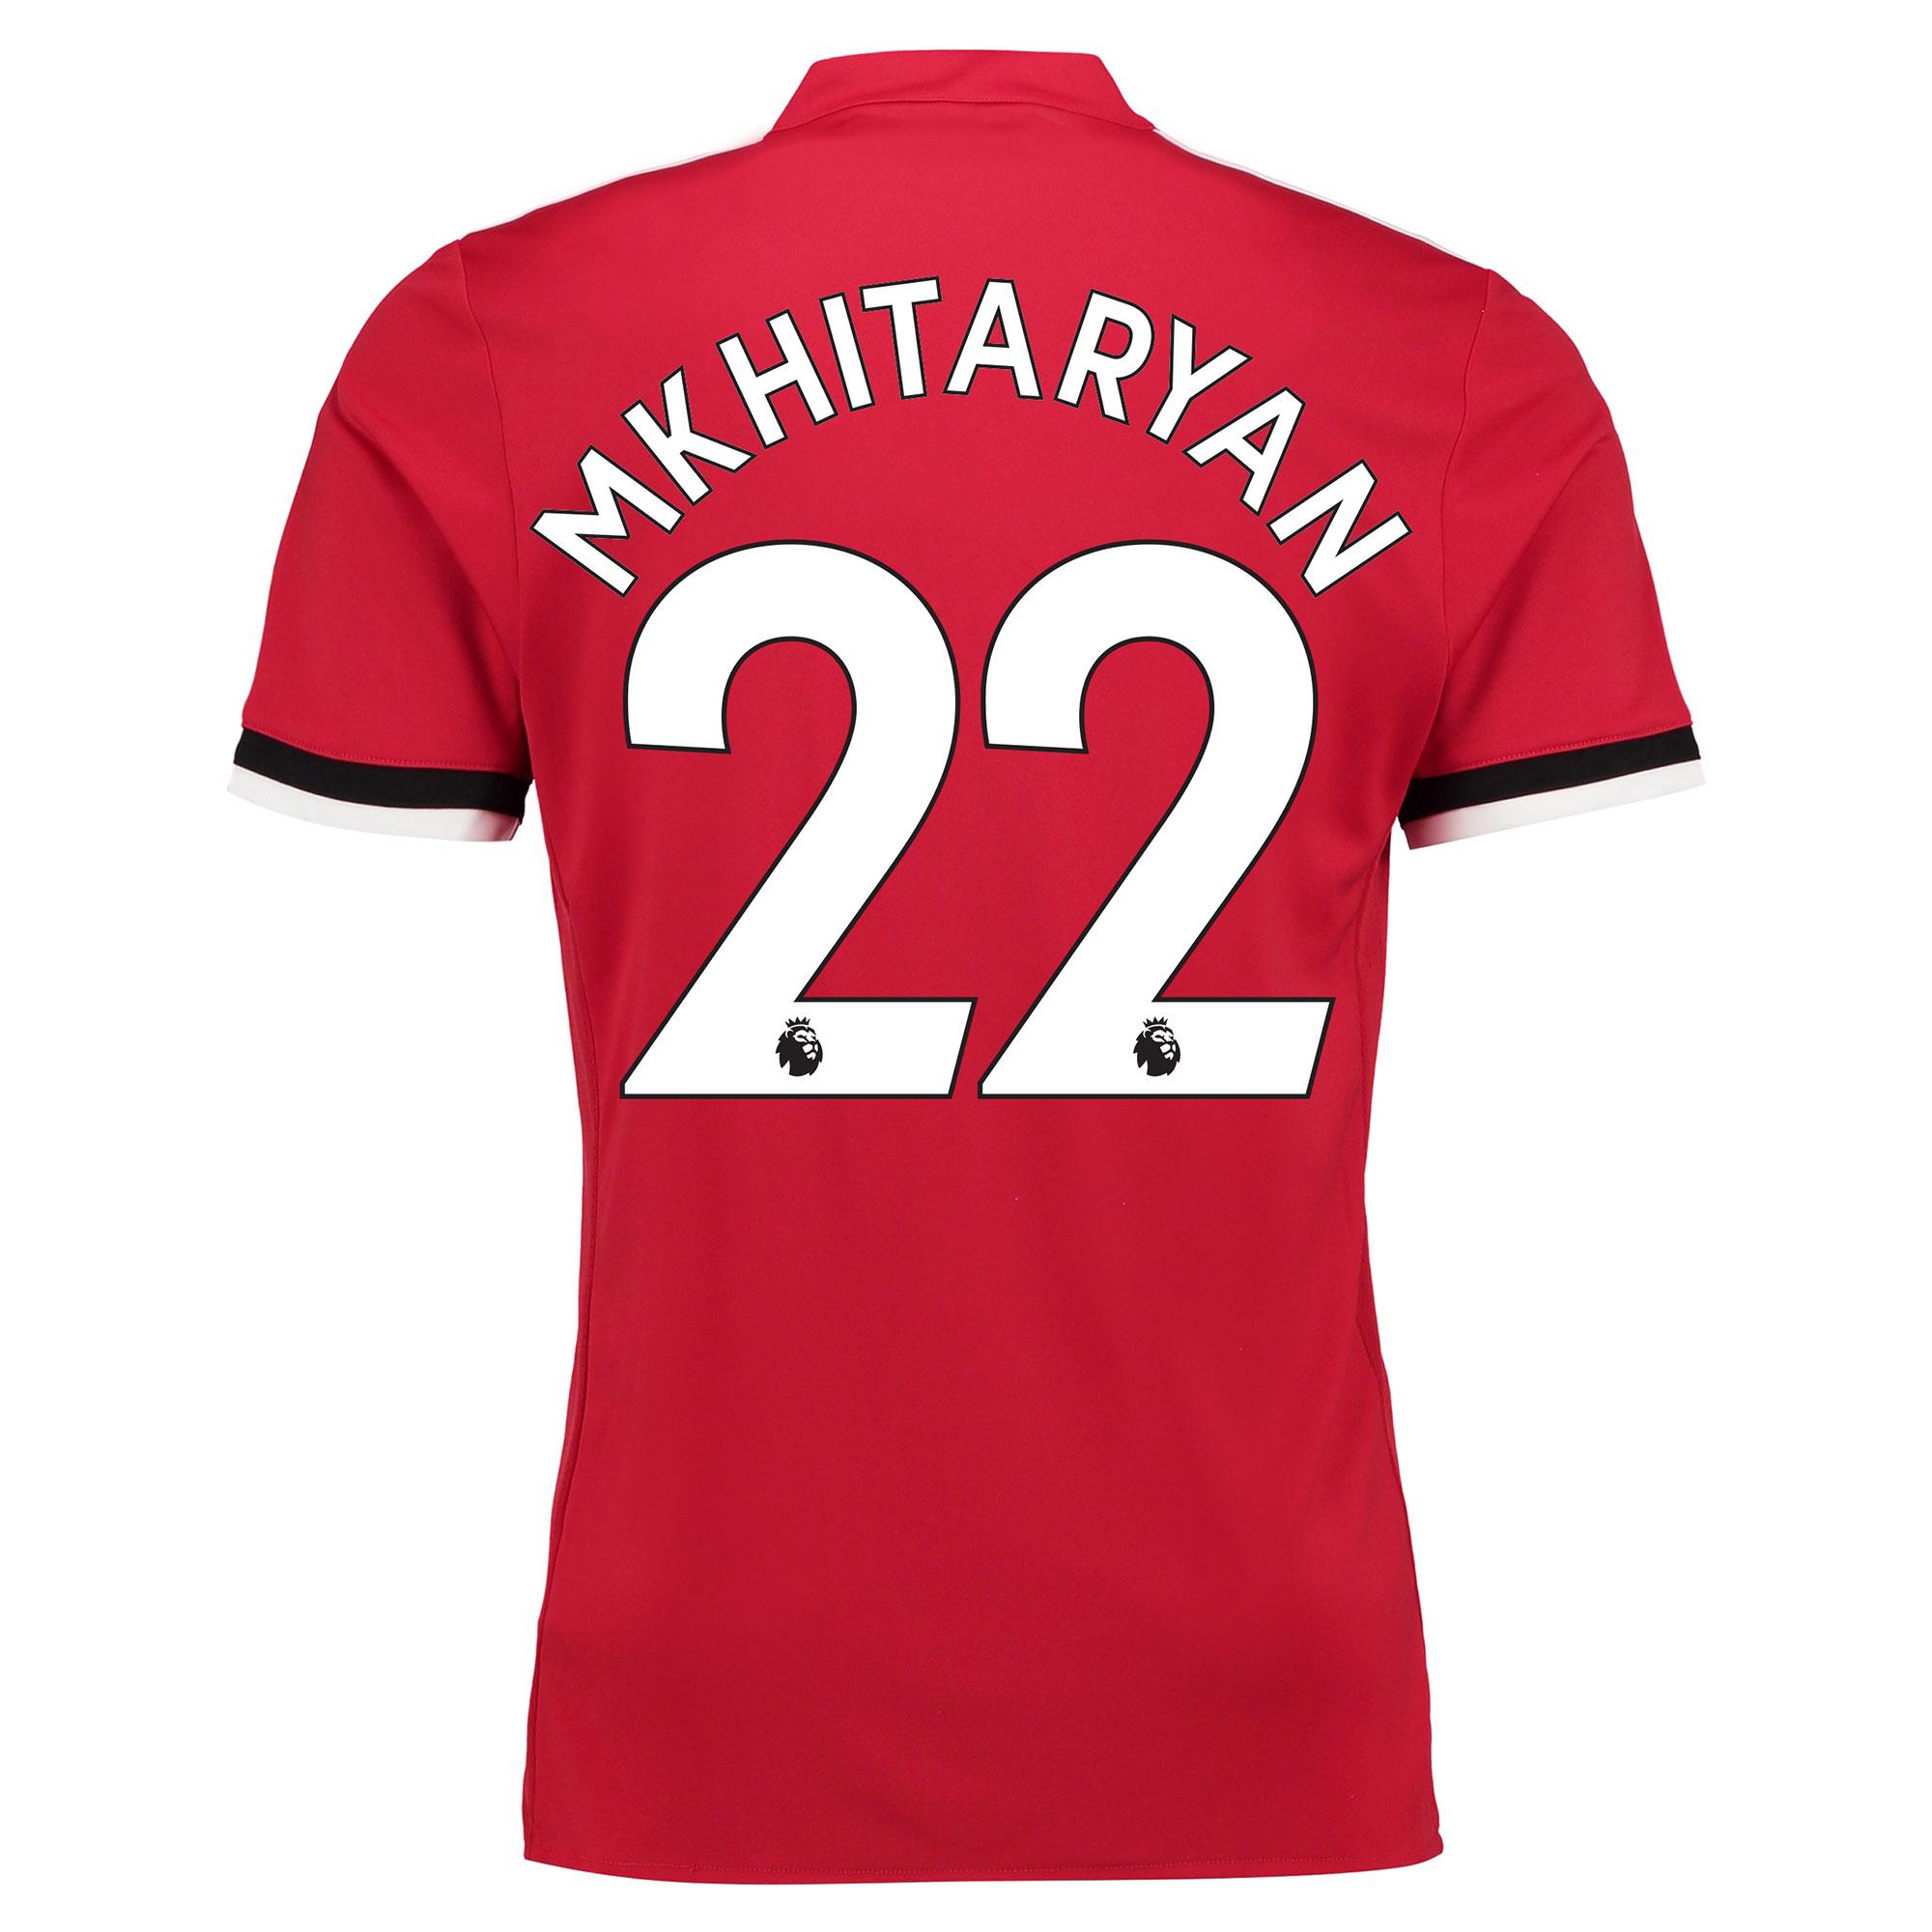 Manchester United Home Shirt 2017-18 - Kids with Mkhitaryan 22 printin